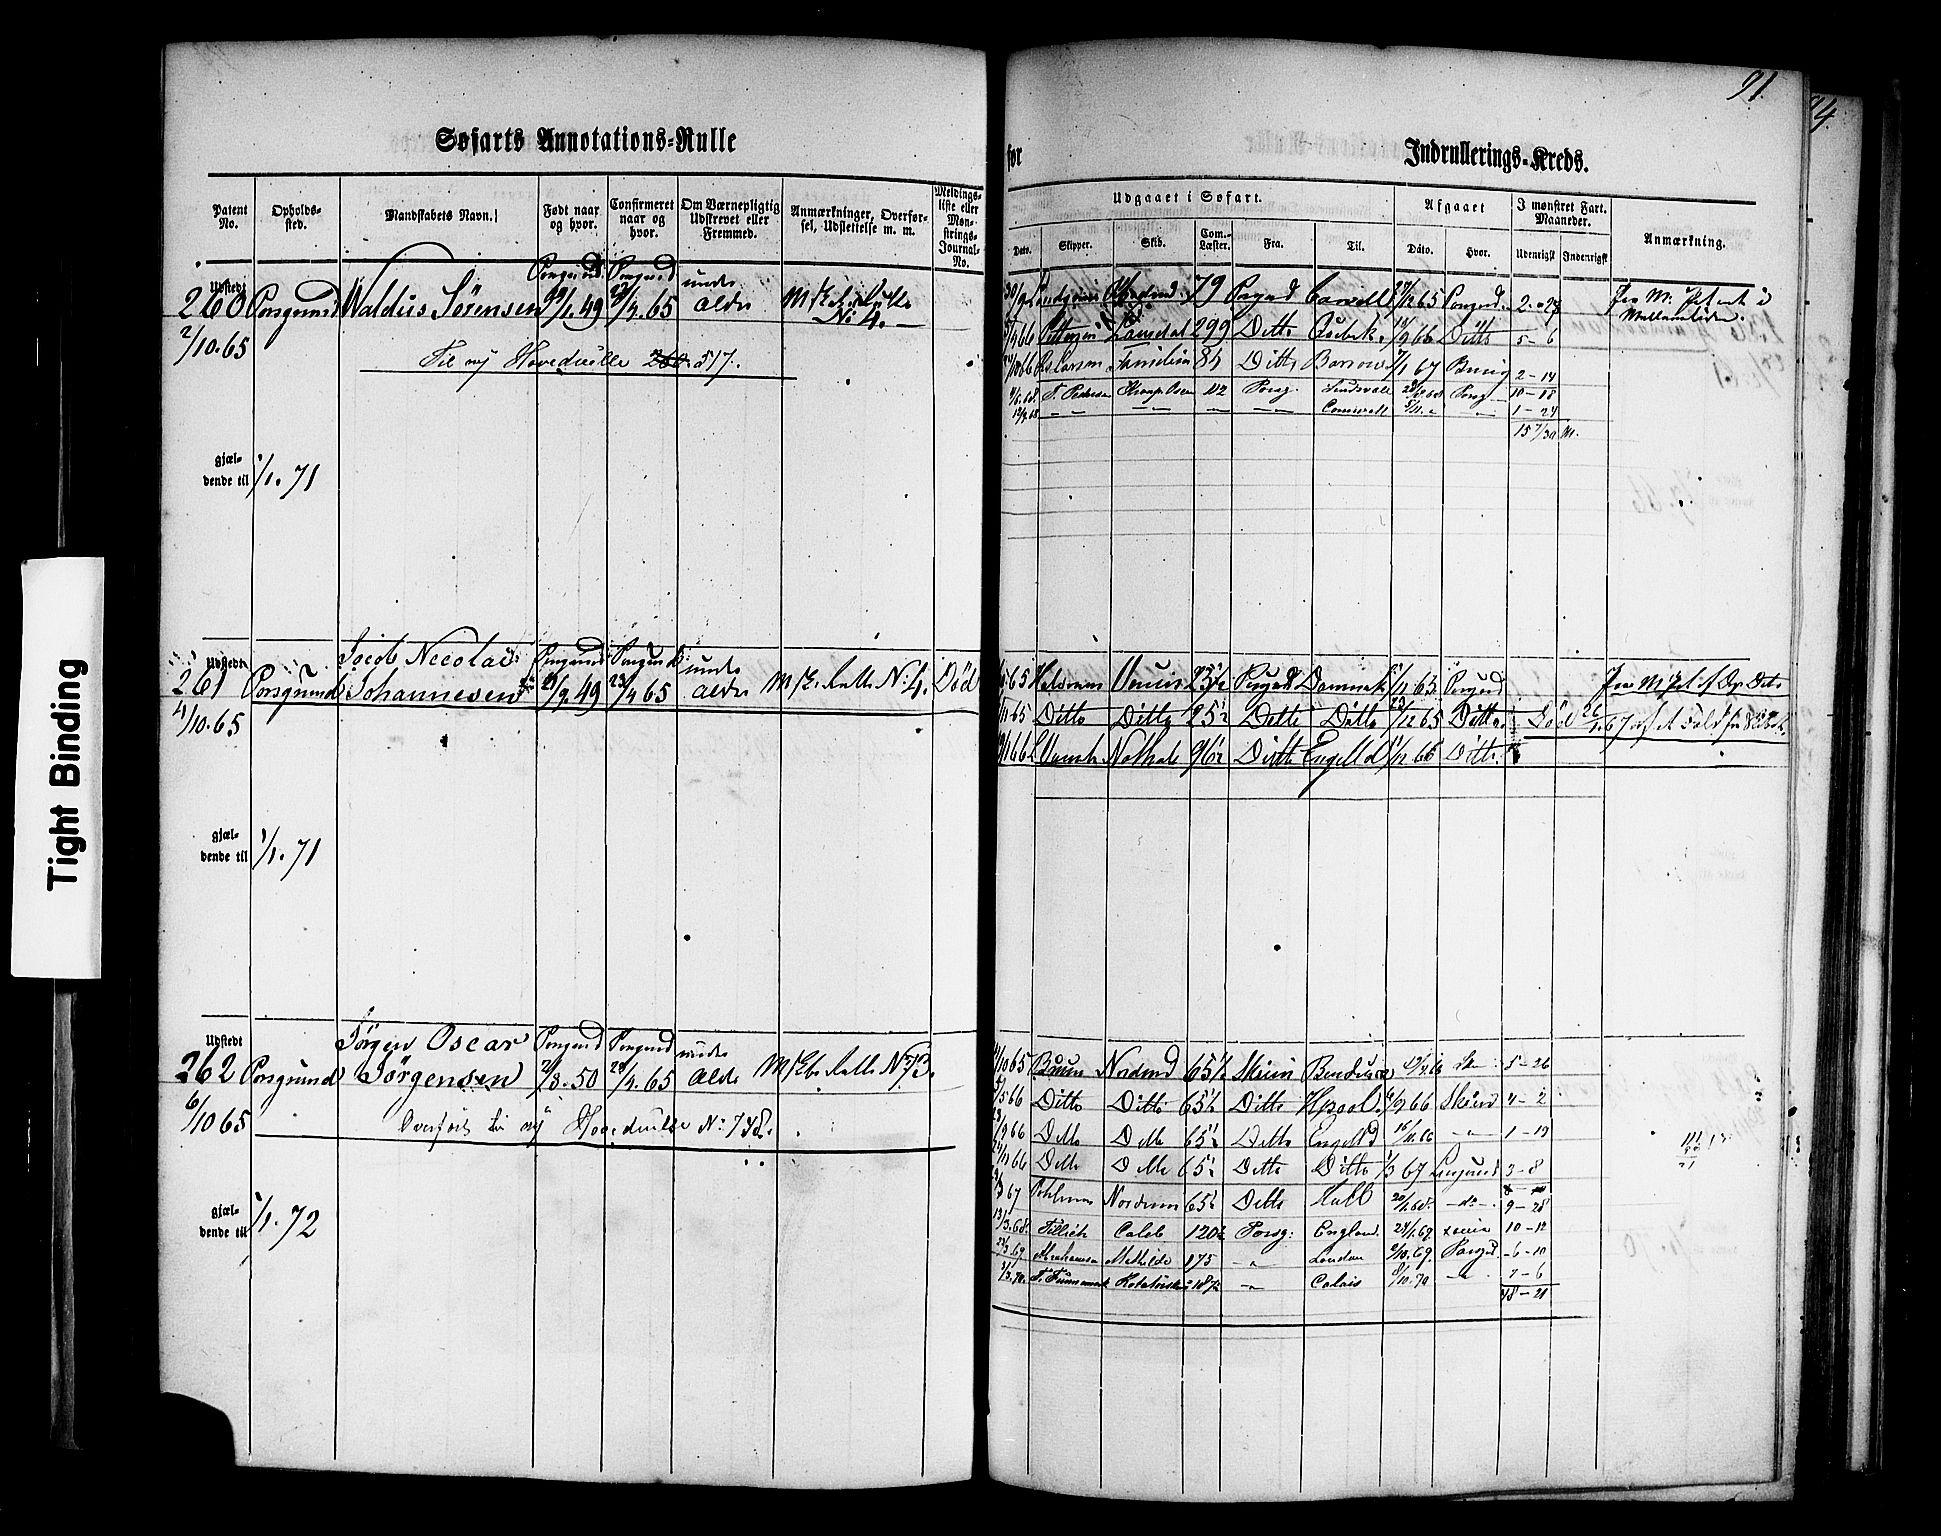 SAKO, Porsgrunn innrulleringskontor, F/Fb/L0001: Annotasjonsrulle, 1860-1868, s. 120